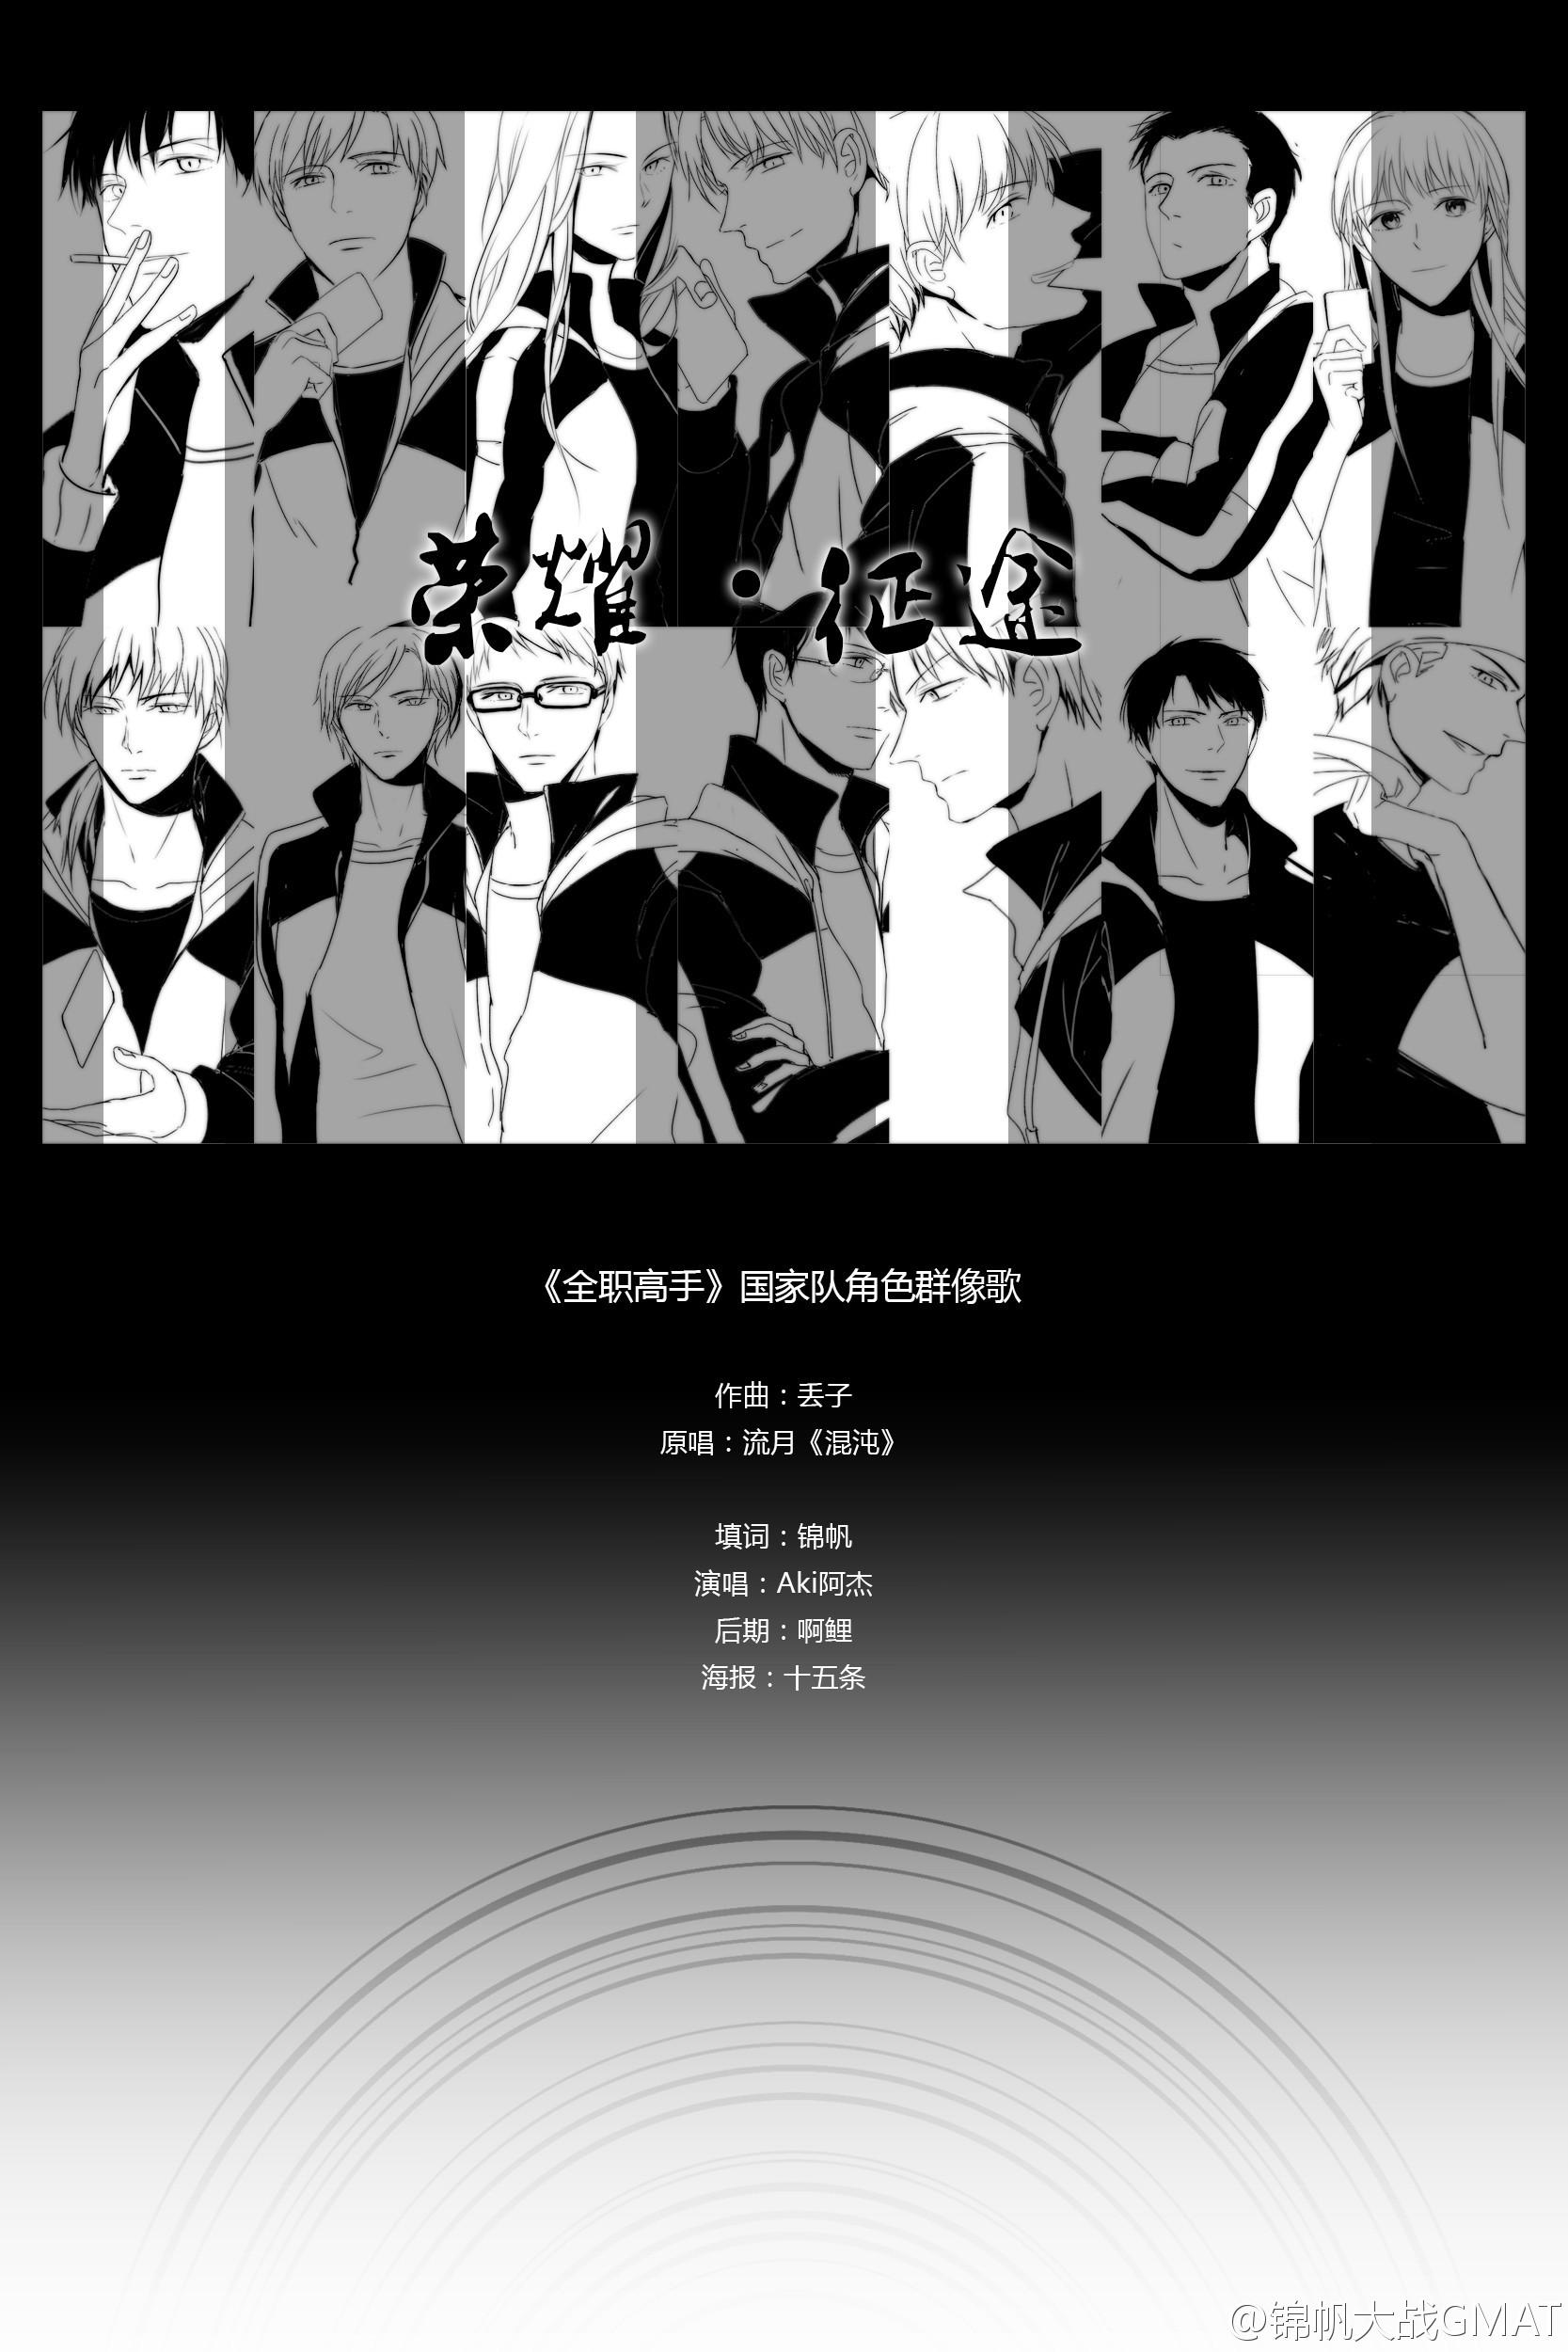 【全职高手】荣耀·征途